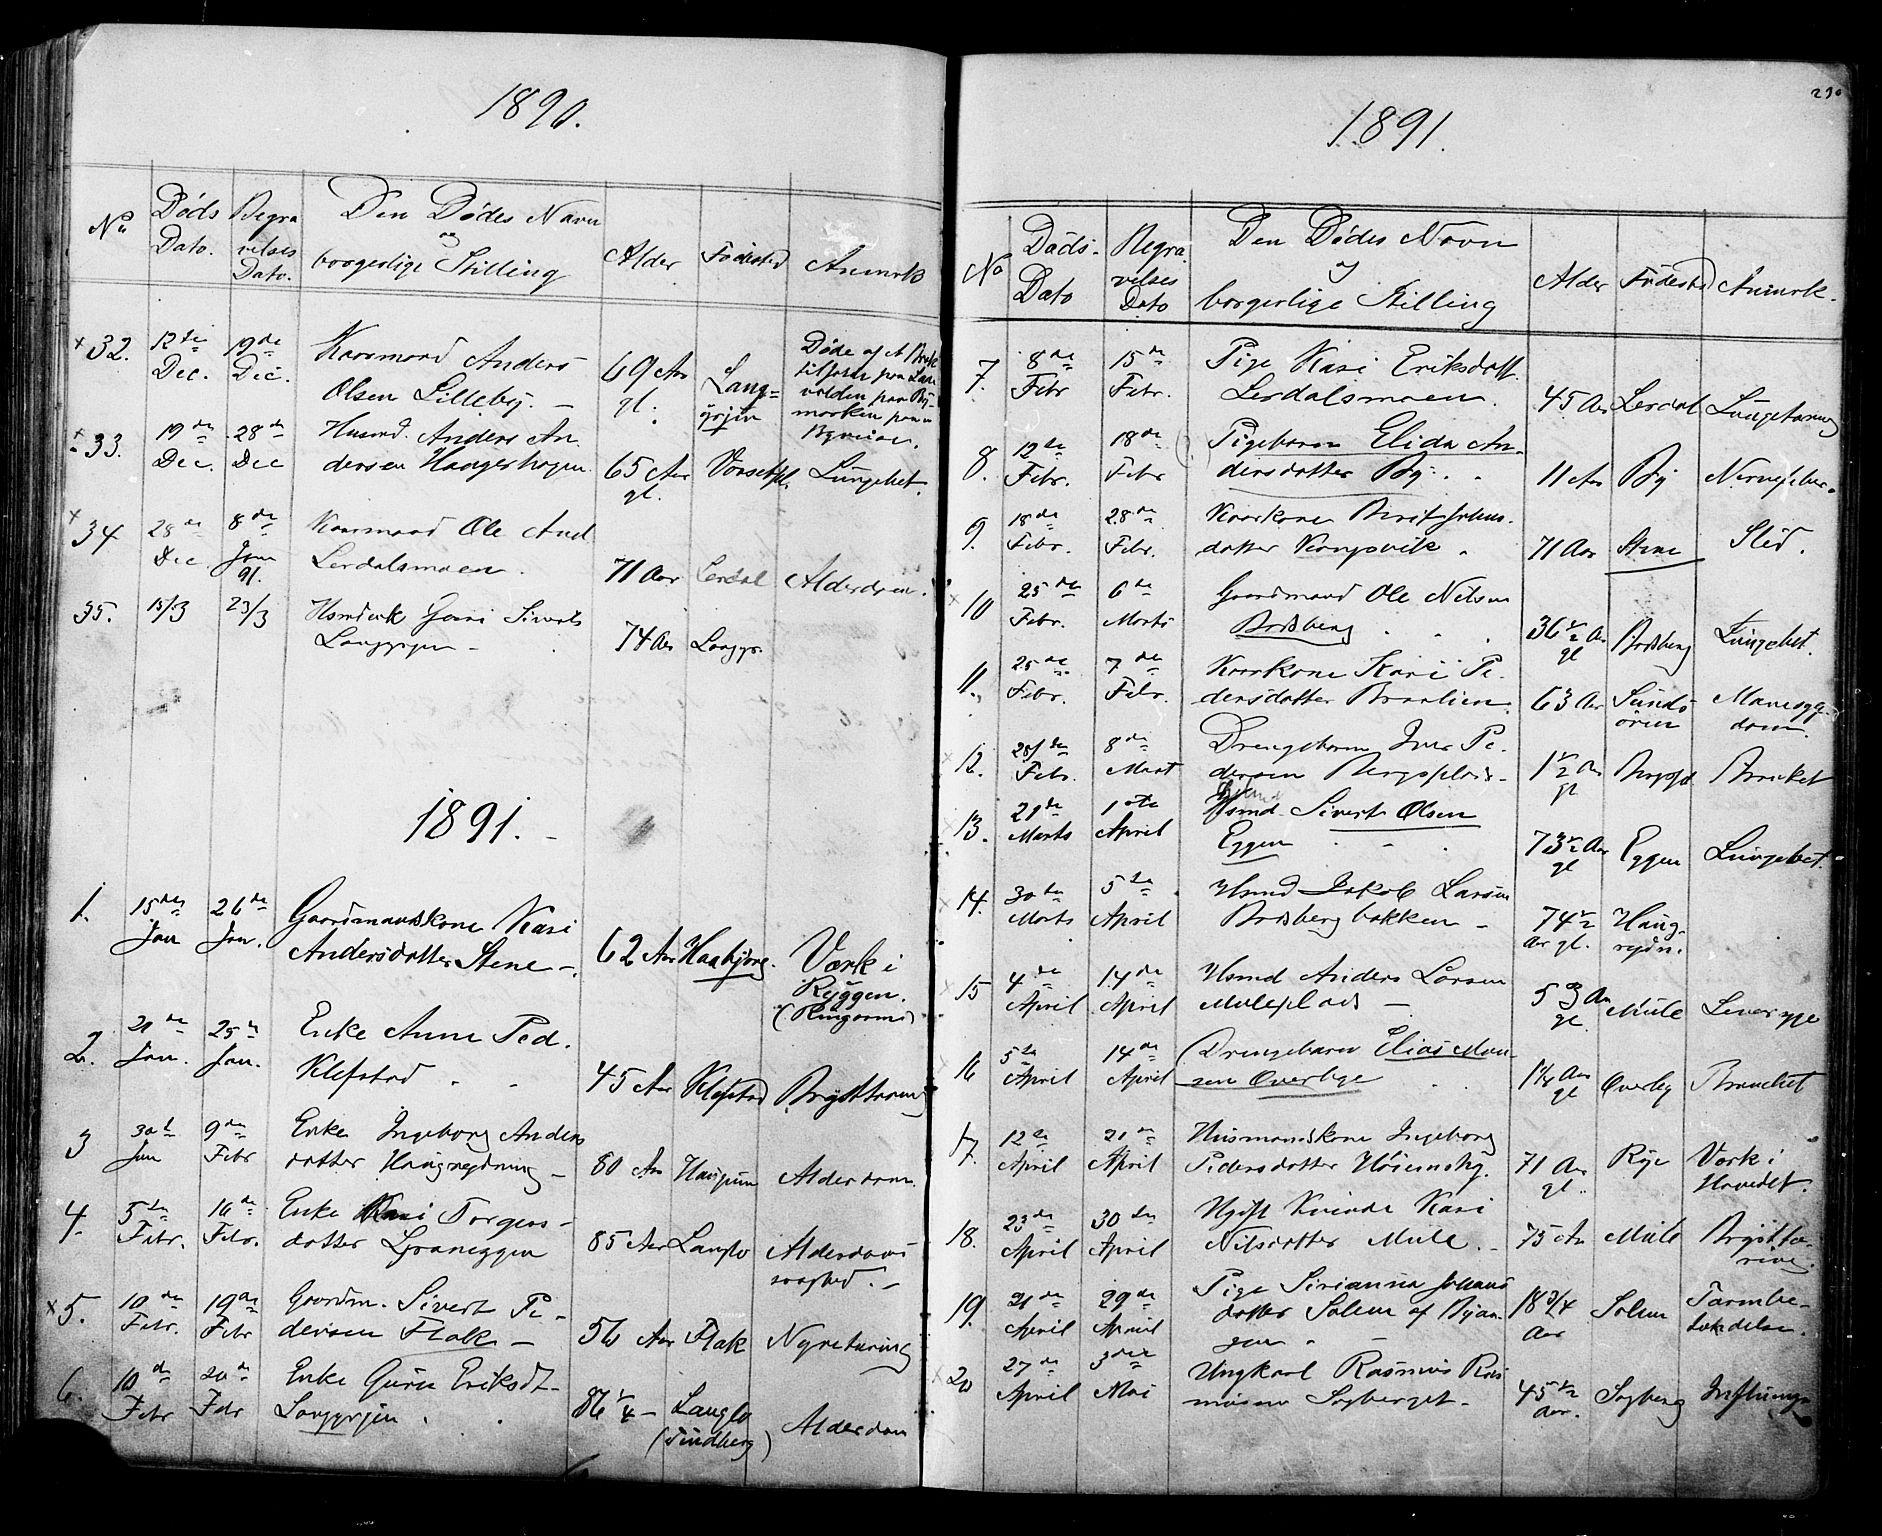 SAT, Ministerialprotokoller, klokkerbøker og fødselsregistre - Sør-Trøndelag, 612/L0387: Klokkerbok nr. 612C03, 1874-1908, s. 230